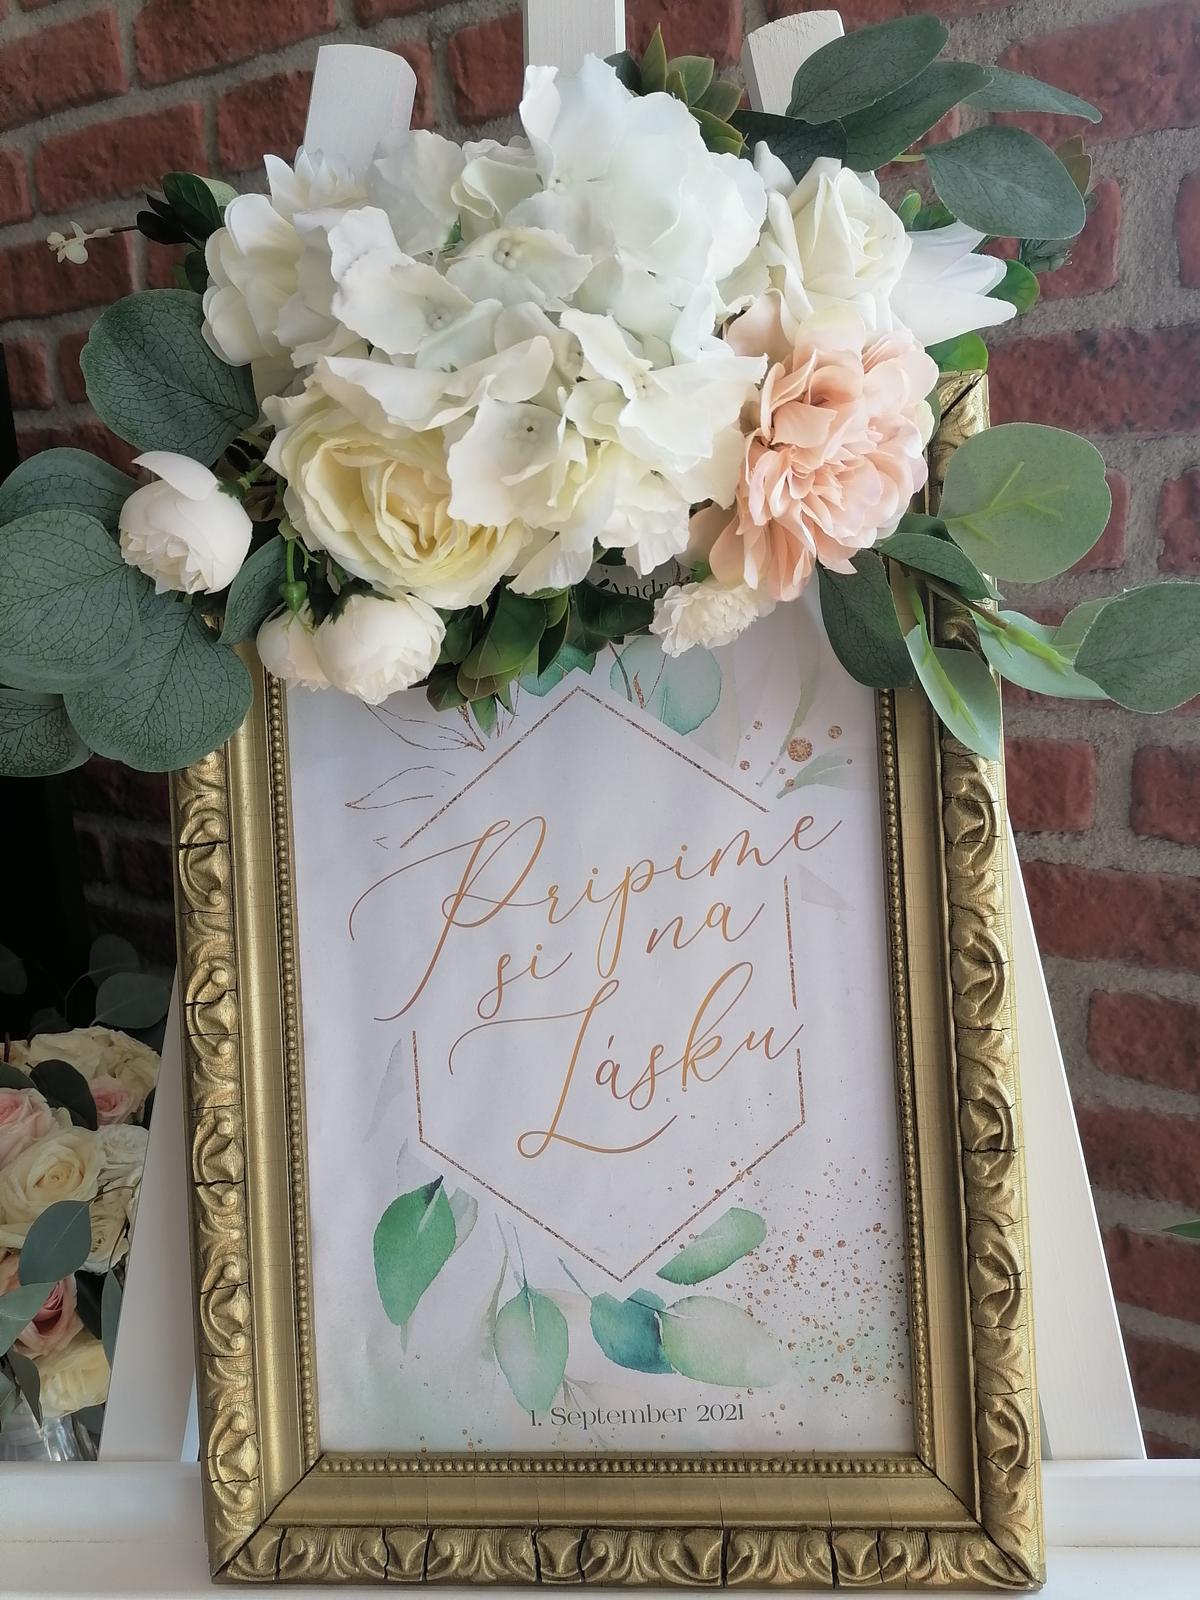 Aranžmány z umelých kvetov na svadbu - Obrázok č. 2